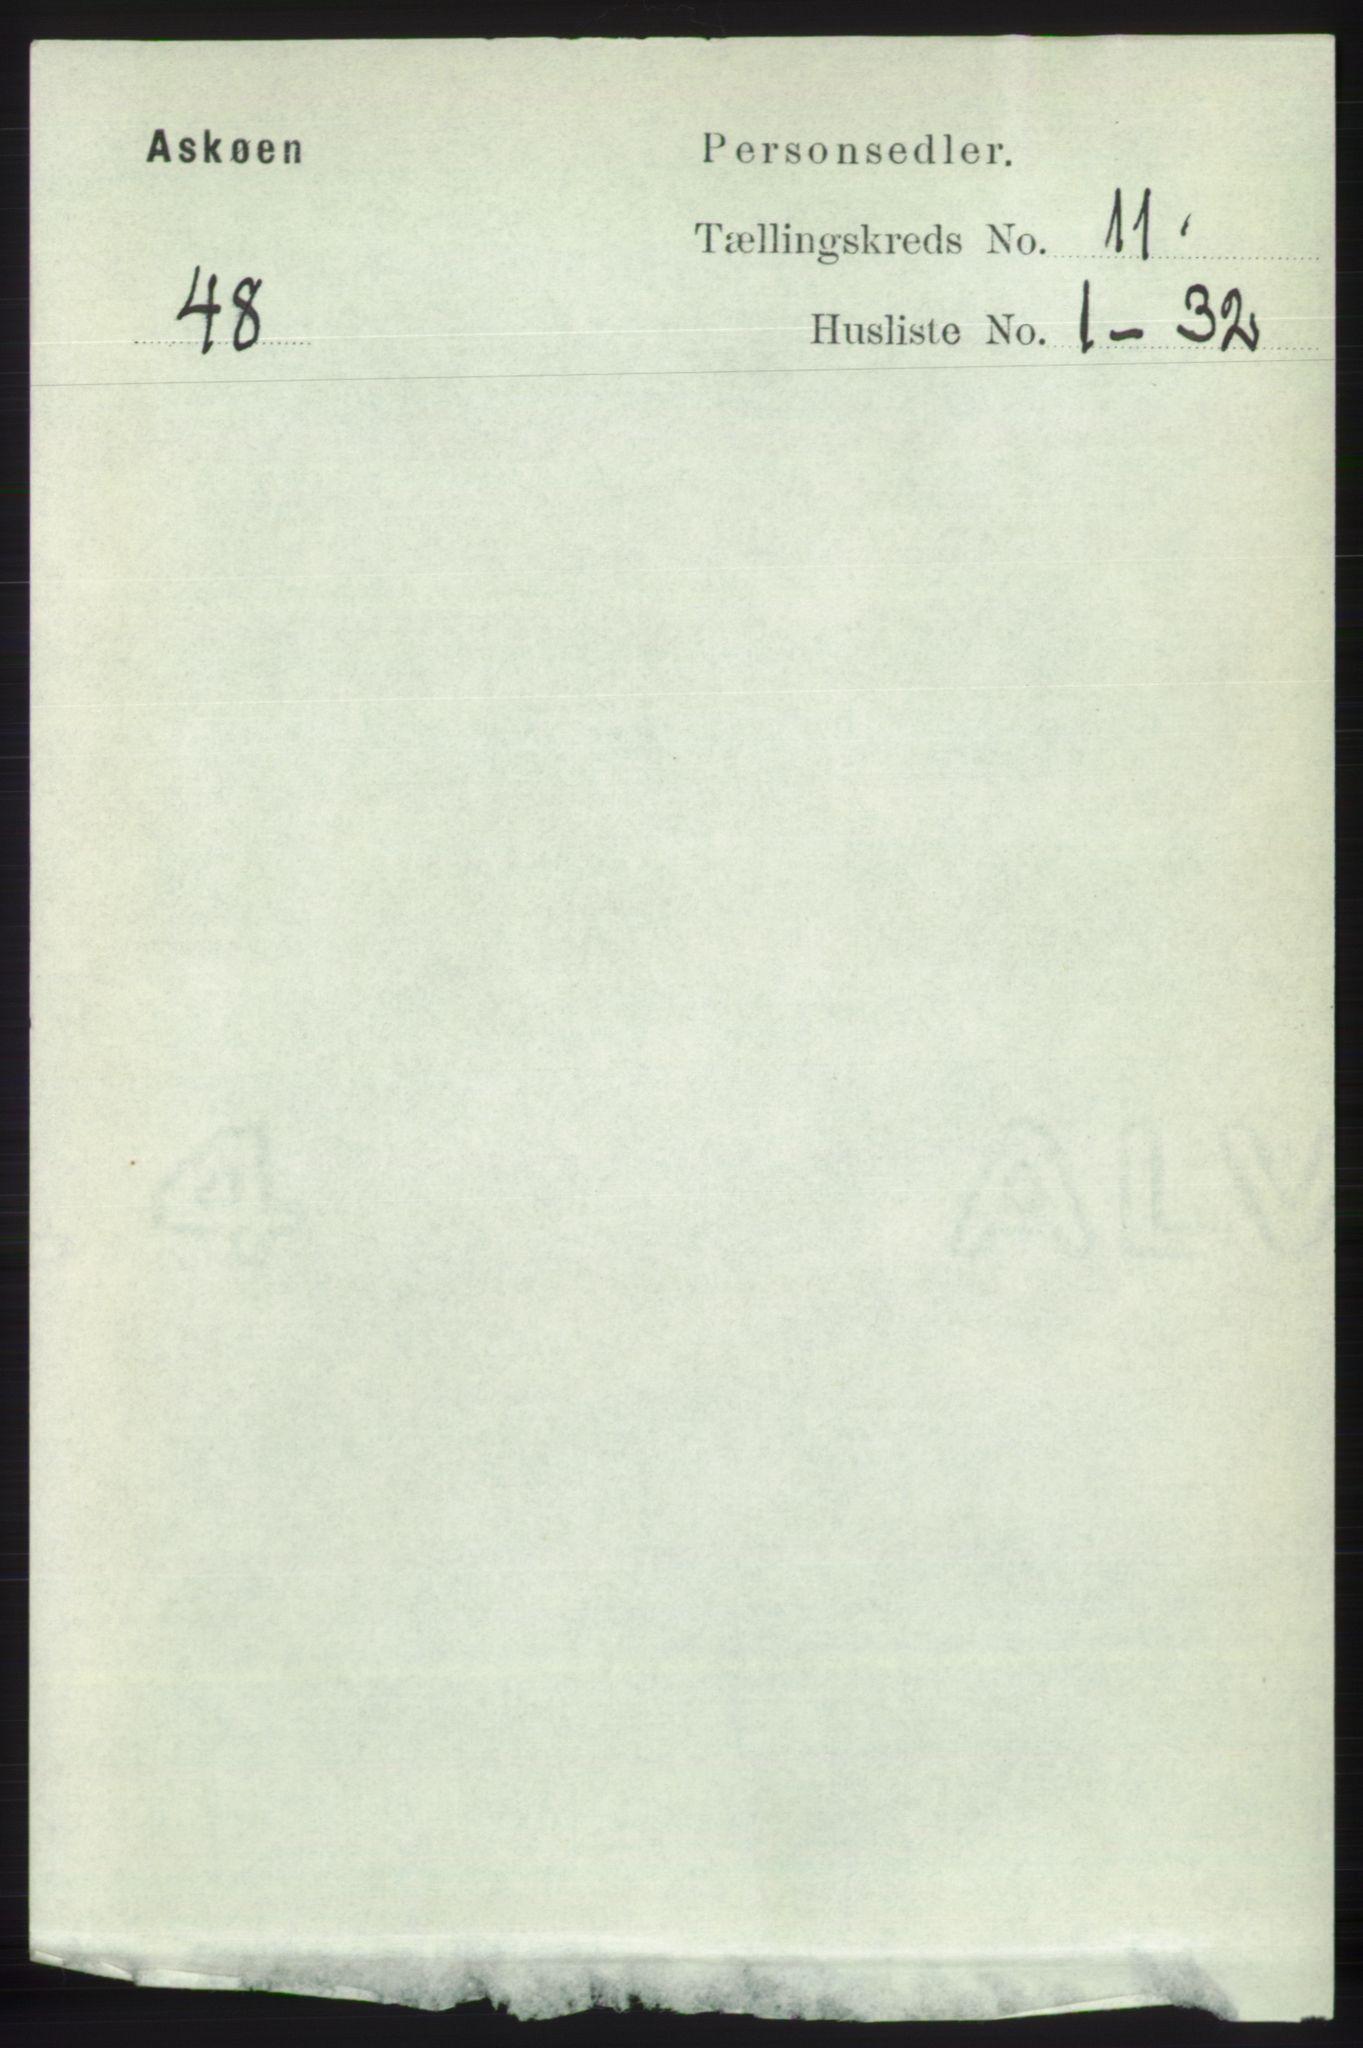 RA, Folketelling 1891 for 1247 Askøy herred, 1891, s. 7274